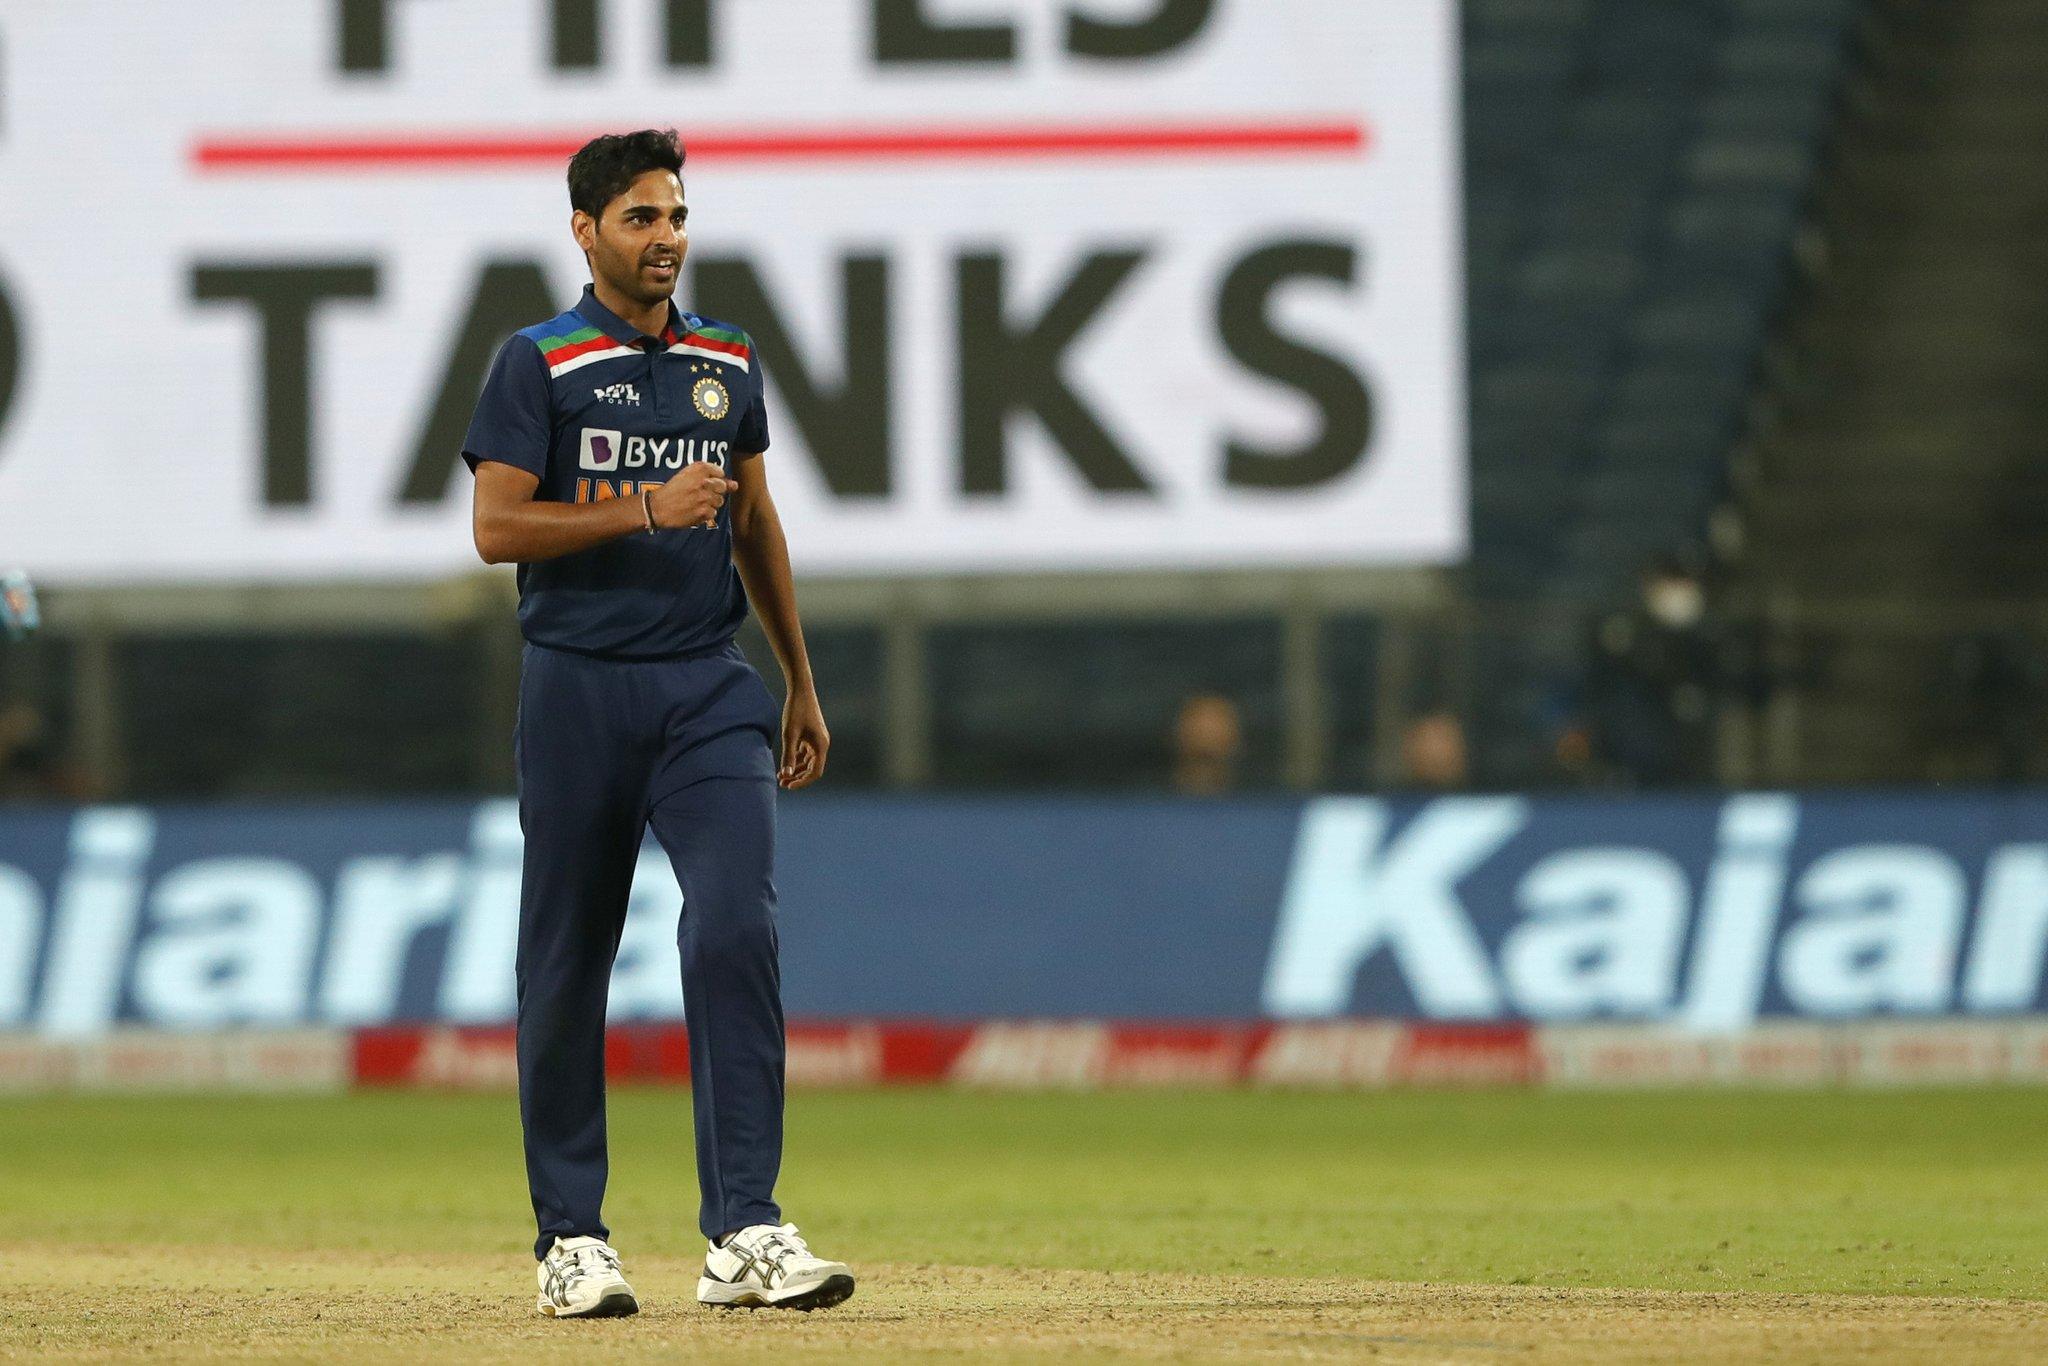 भुवनेश्वर को 4 विकेट के लिए मैन ऑफ द मैच अवॉर्ड दिया गया।